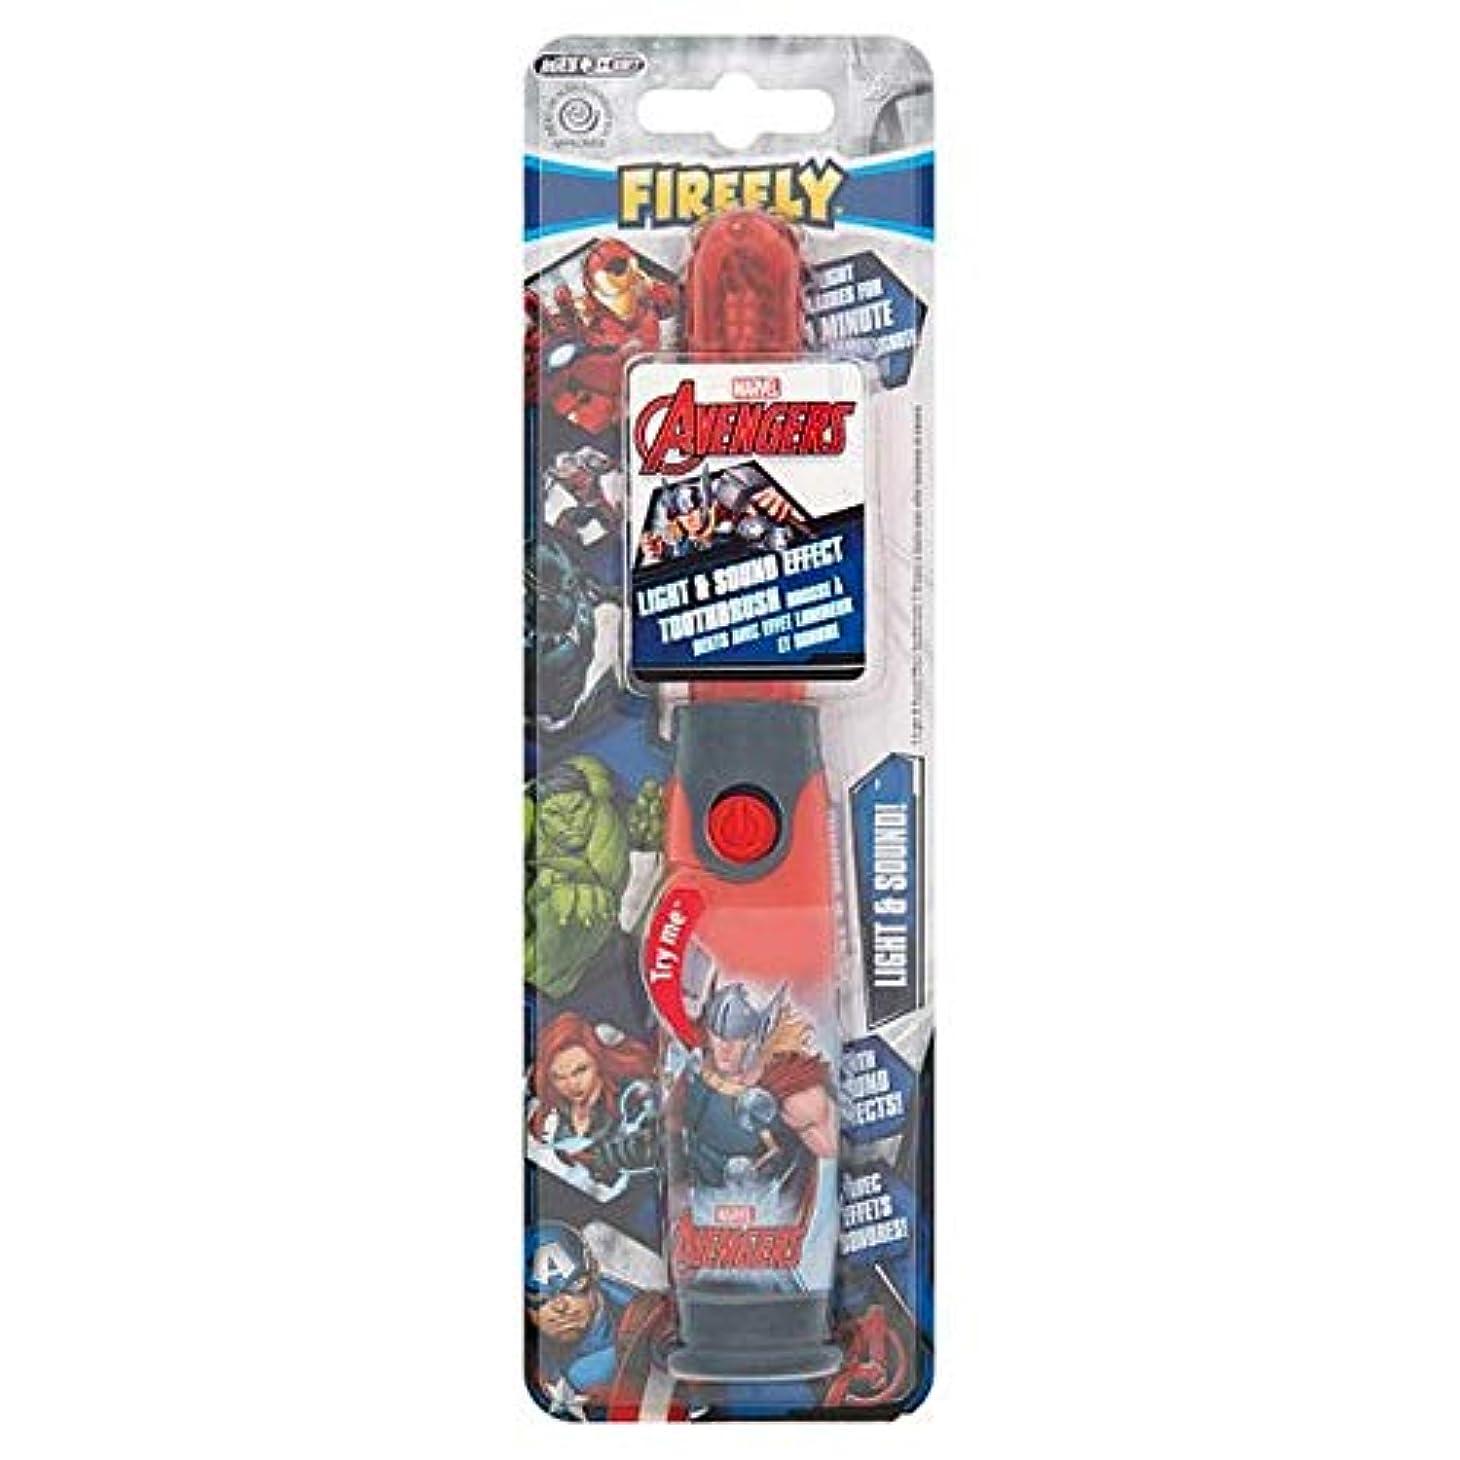 収まる仕える子音[Firefly ] アベンジャーズホタルの光と音の歯ブラシ - Avengers Firefly Light And Sound Toothbrush [並行輸入品]